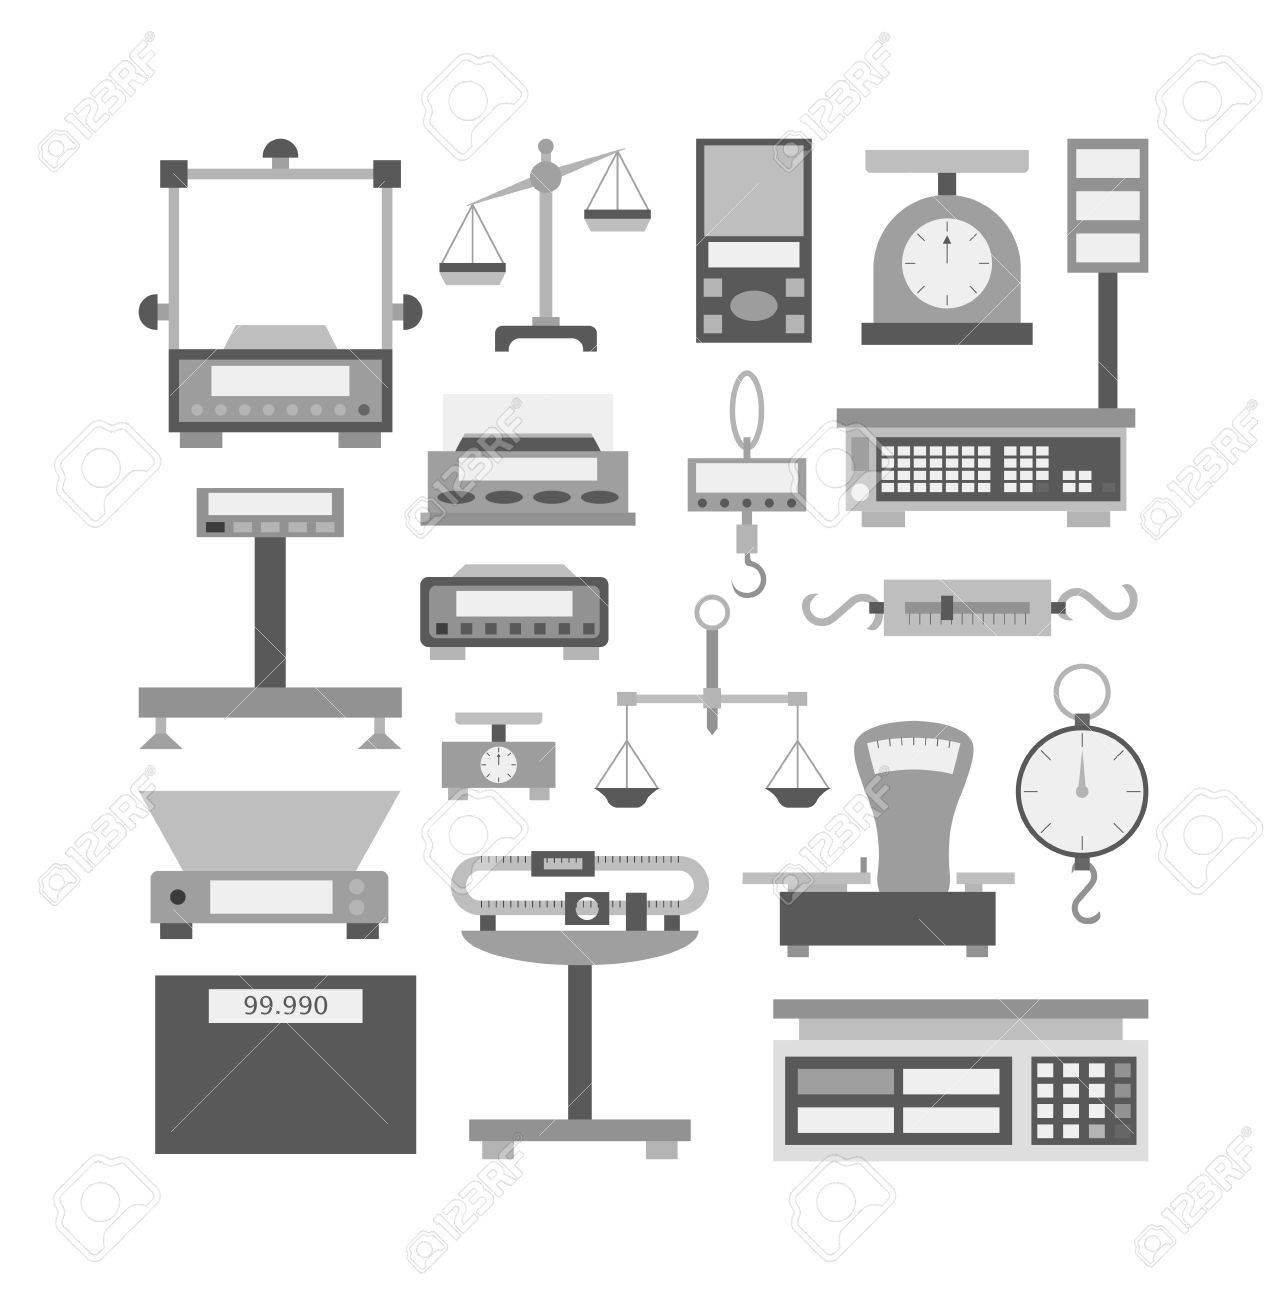 Resultado de imagen para escalas en la industria